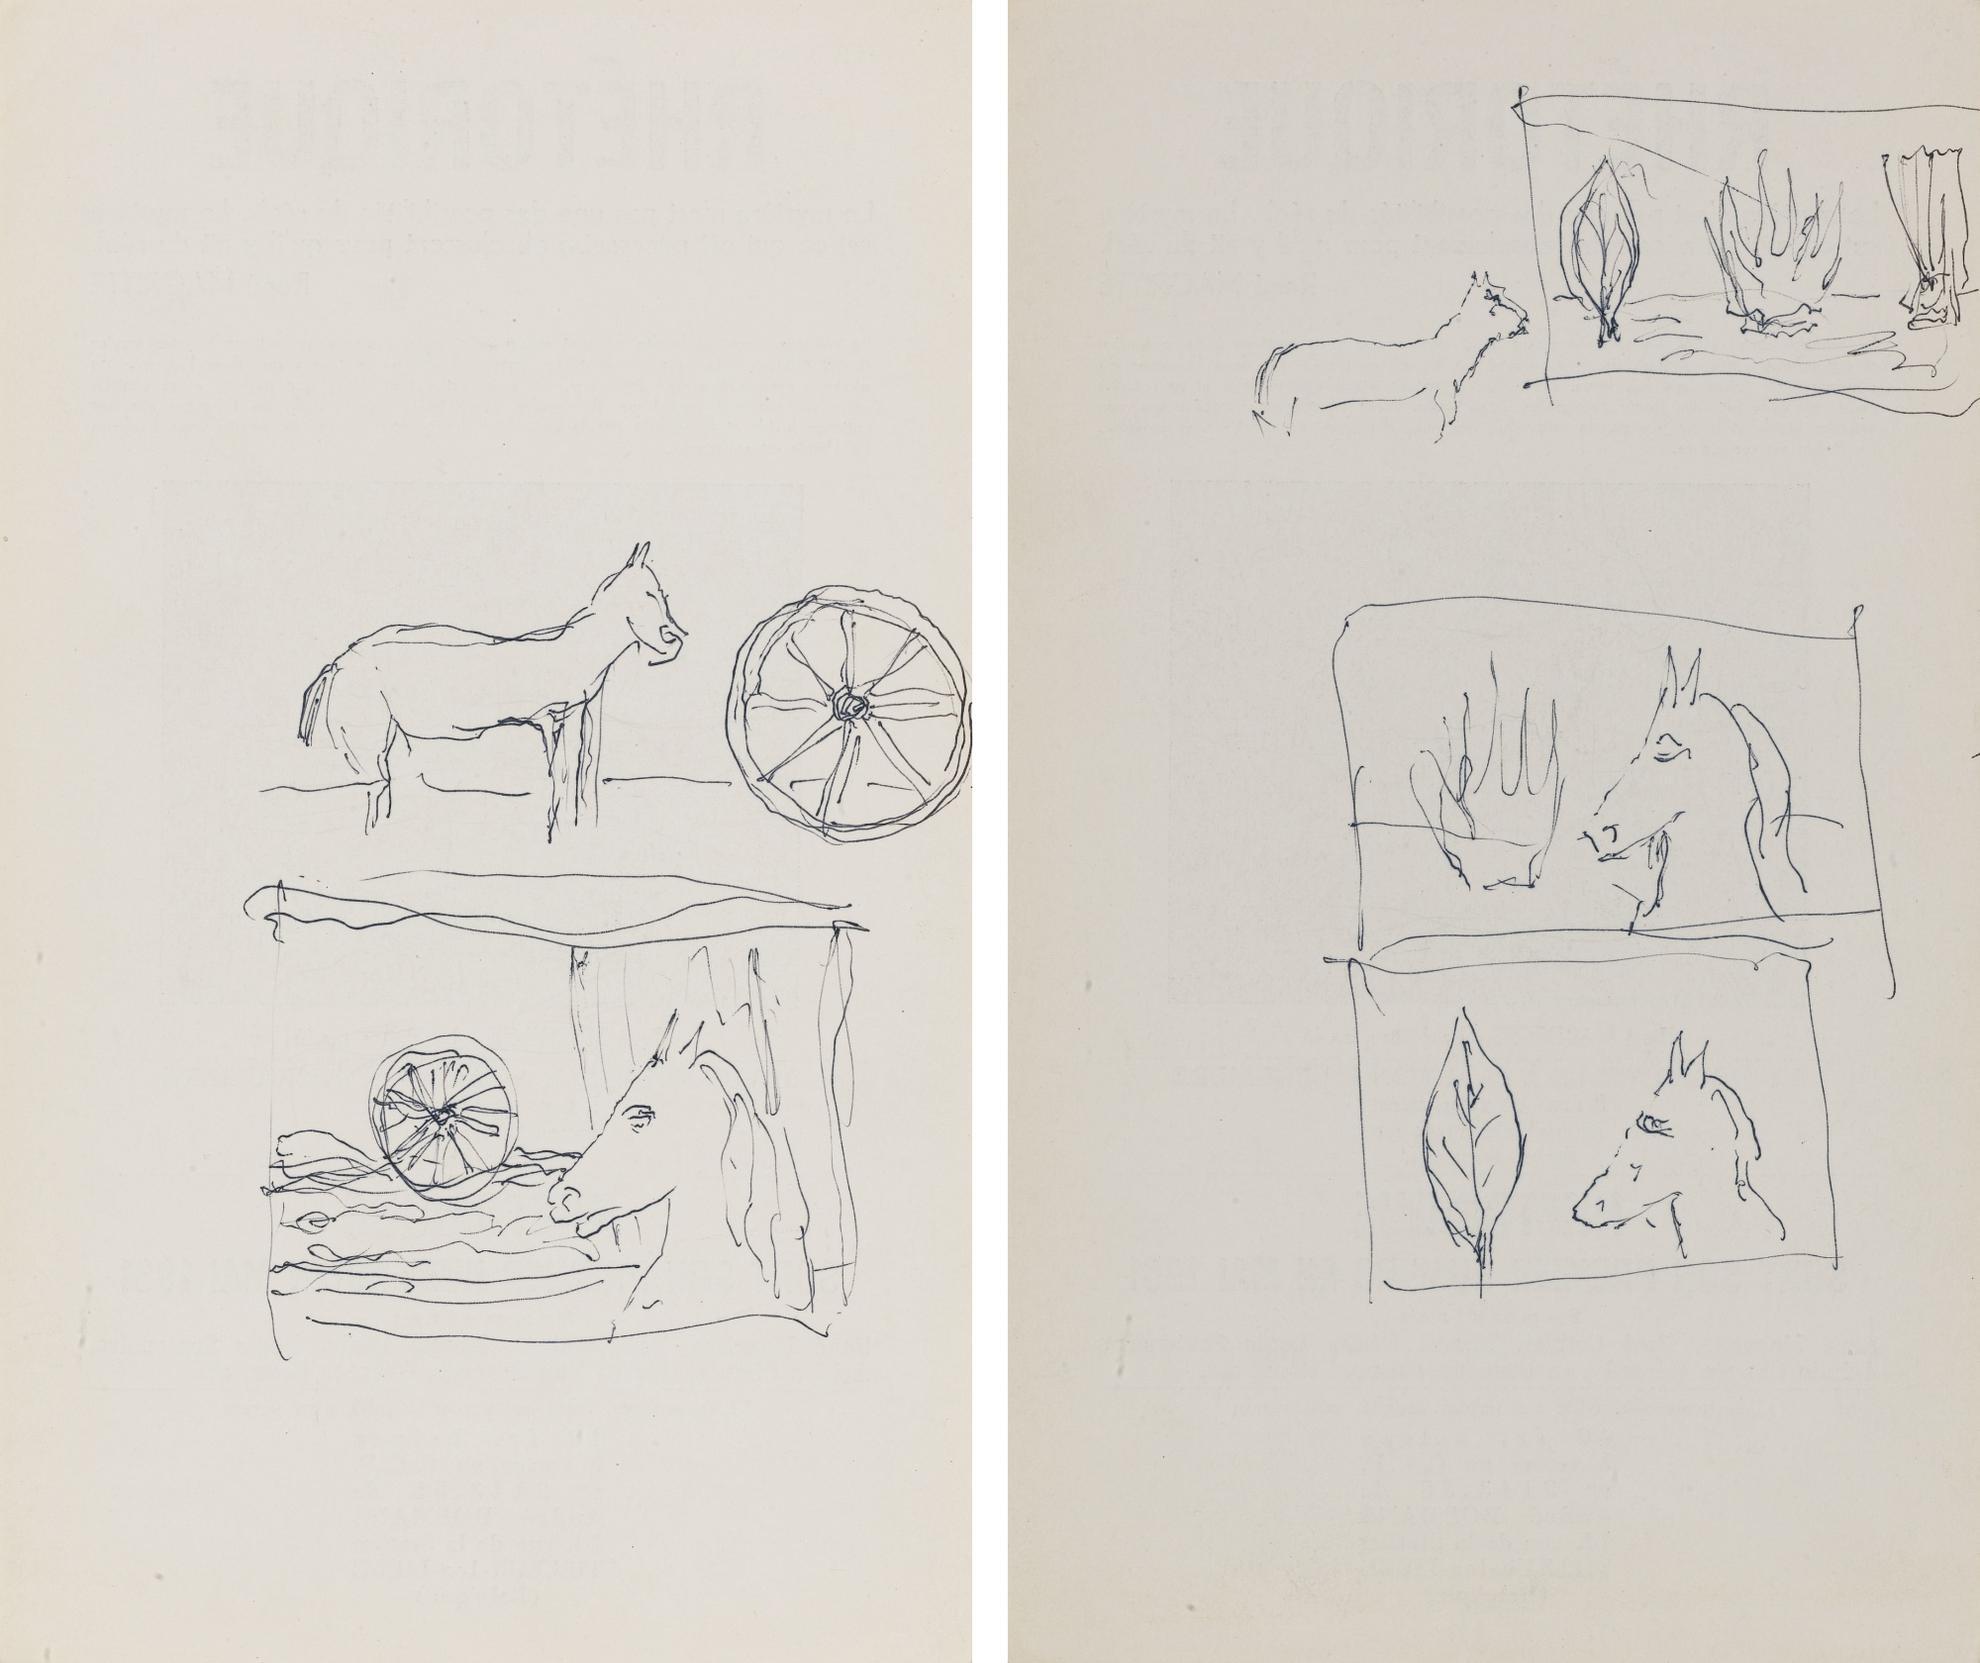 Rene Magritte-Two Drawings : (I) Dessin Sans Titre; (II) Dessin Sans Titre-